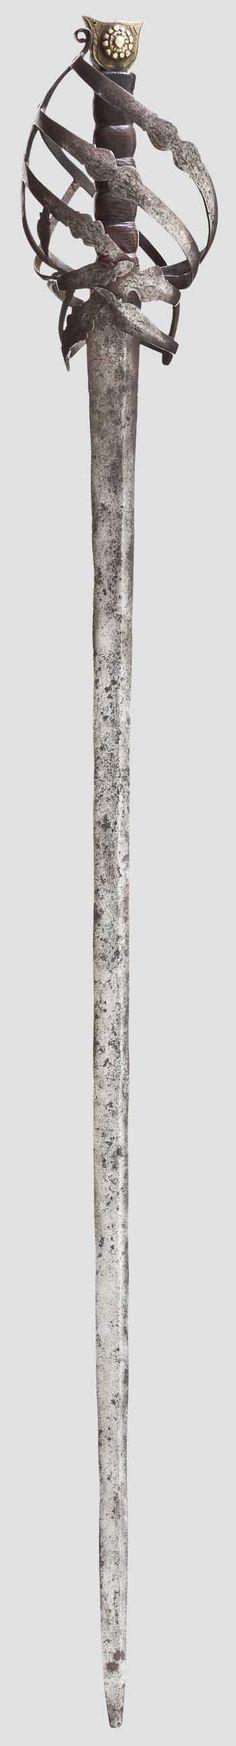 Schlanke, zweischneidige Klinge mit ungewöhnlichem asymmetrischen Mittelgrat. Typisches Korbgefäß mit geschnittenen Spangen mit Resten einer Gravur, Parierstange abgebrochen. Später belederte Hilze und flacher Katzenkopfknauf aus Messing. Metalloberflächen fleckig, patiniert und stellenweise narbig. Länge 106 cm.